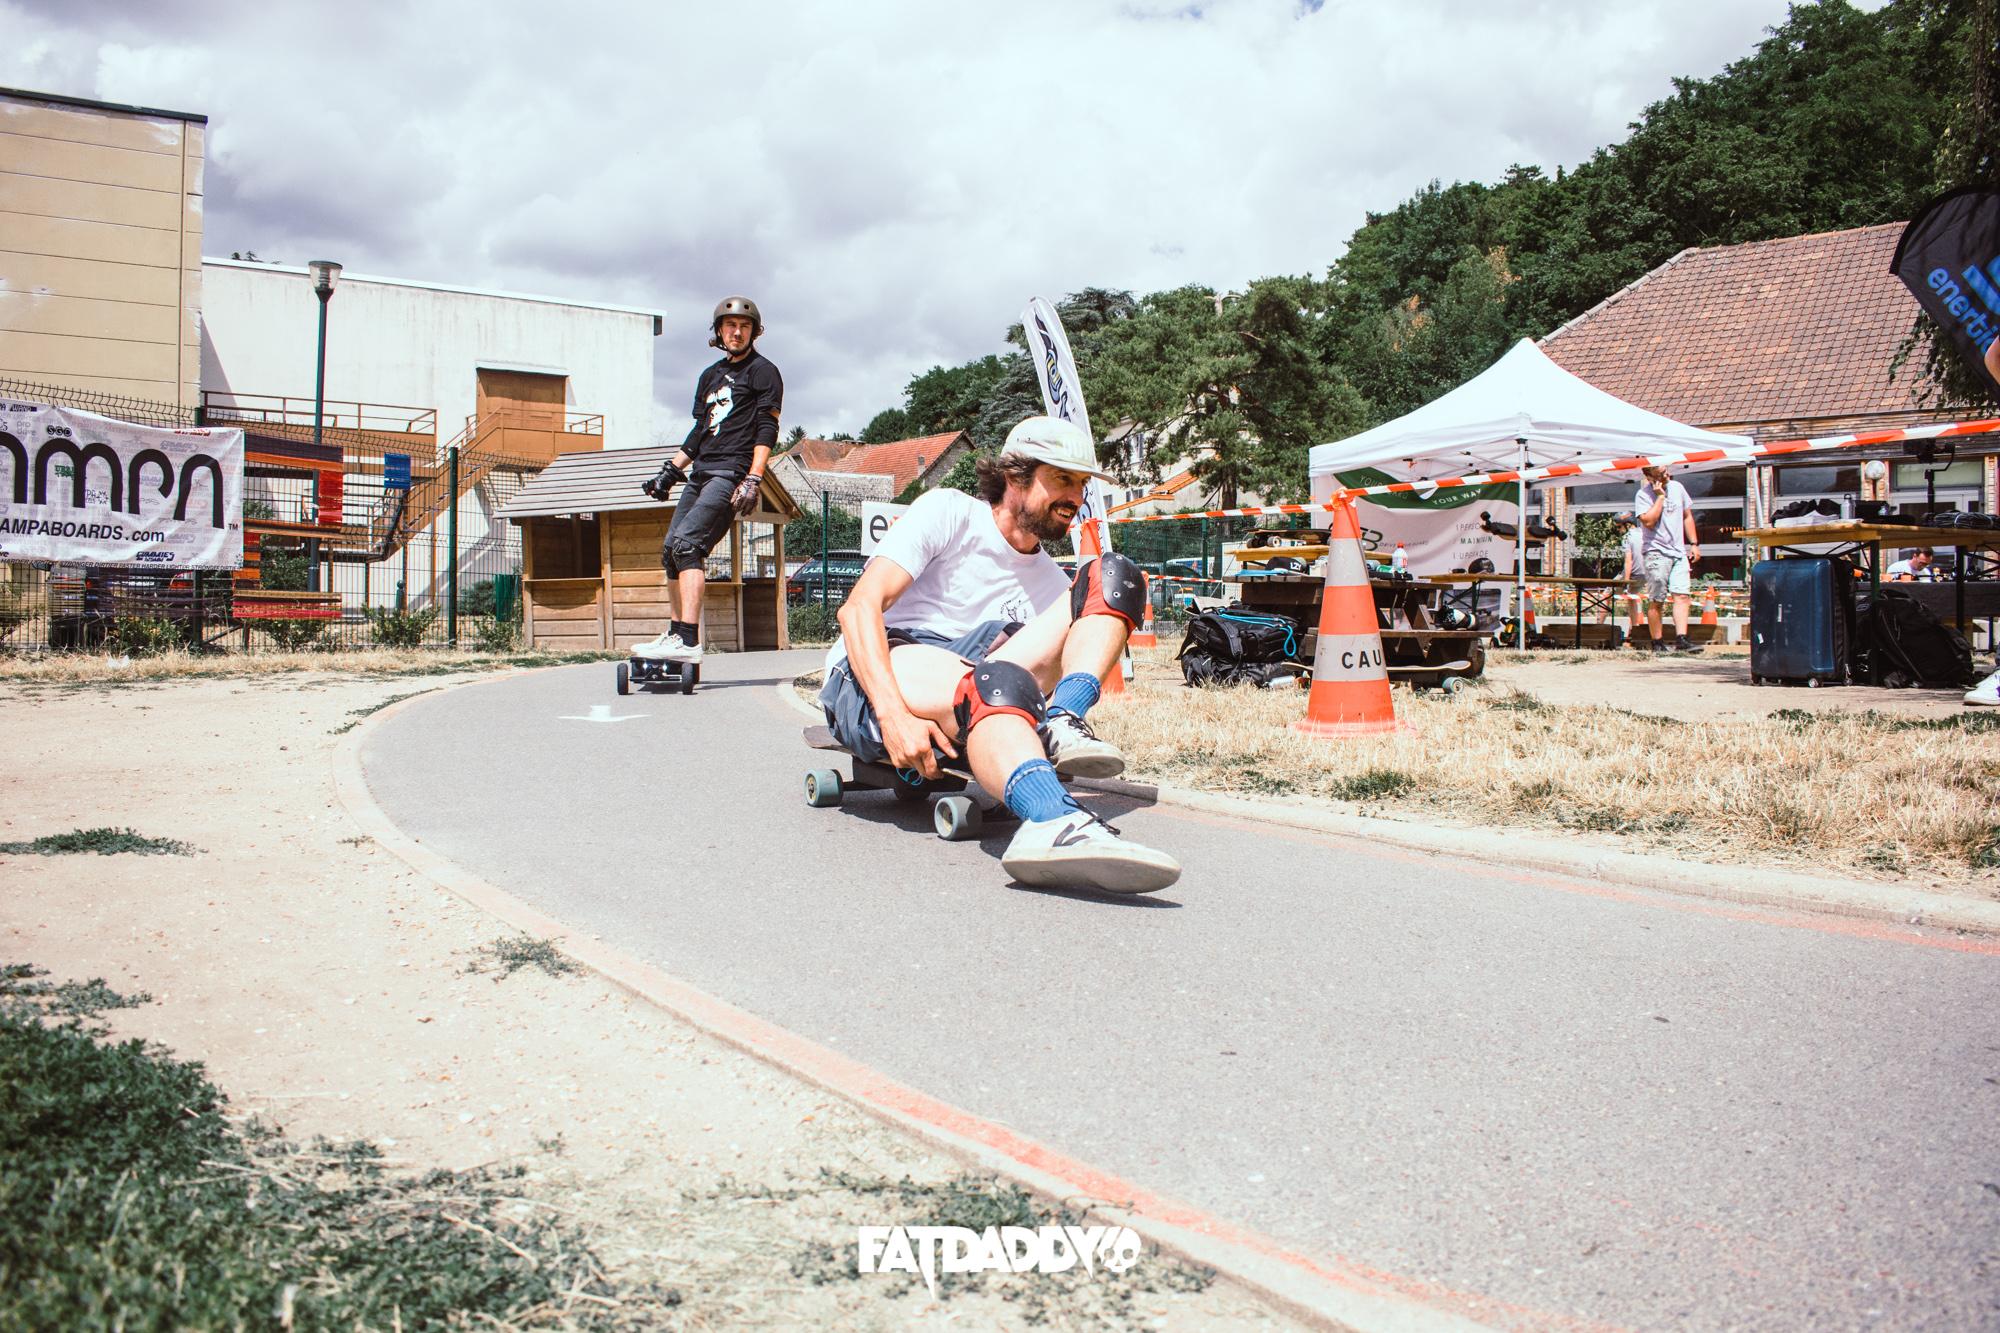 <pre>Byg dit eget elektriske skateboard med et Modulair-system